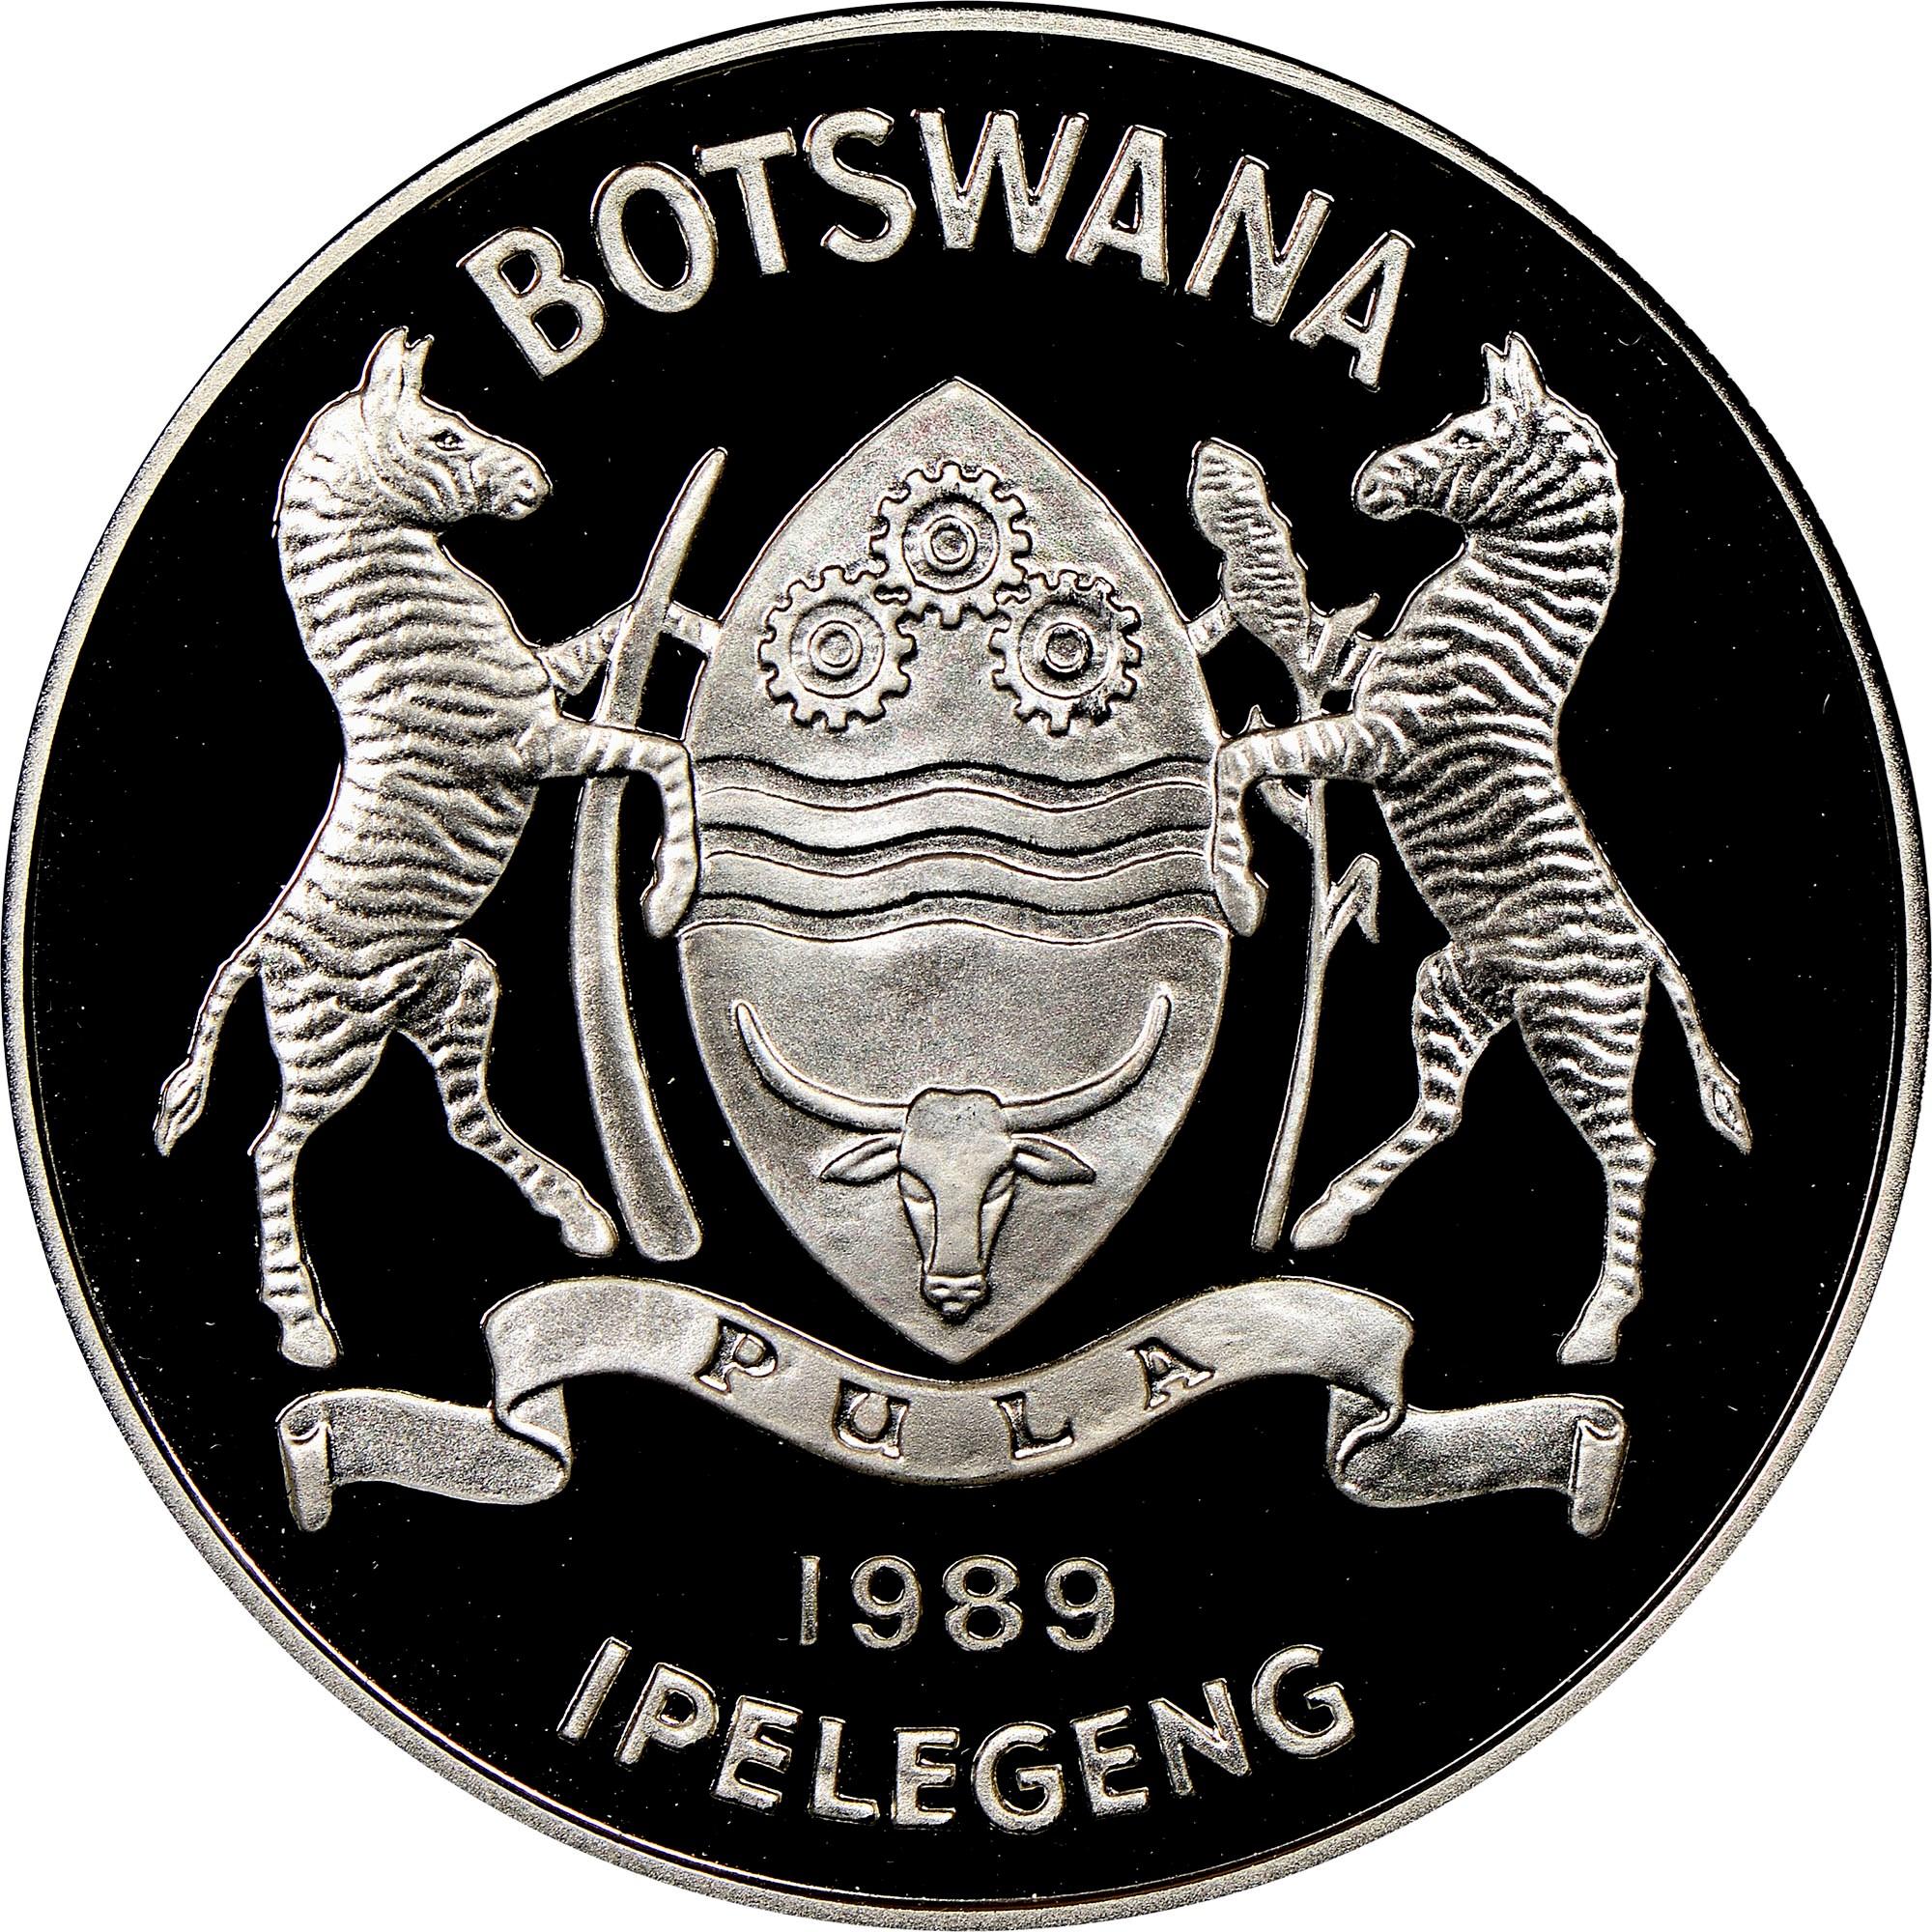 Botswana 2 Pula obverse